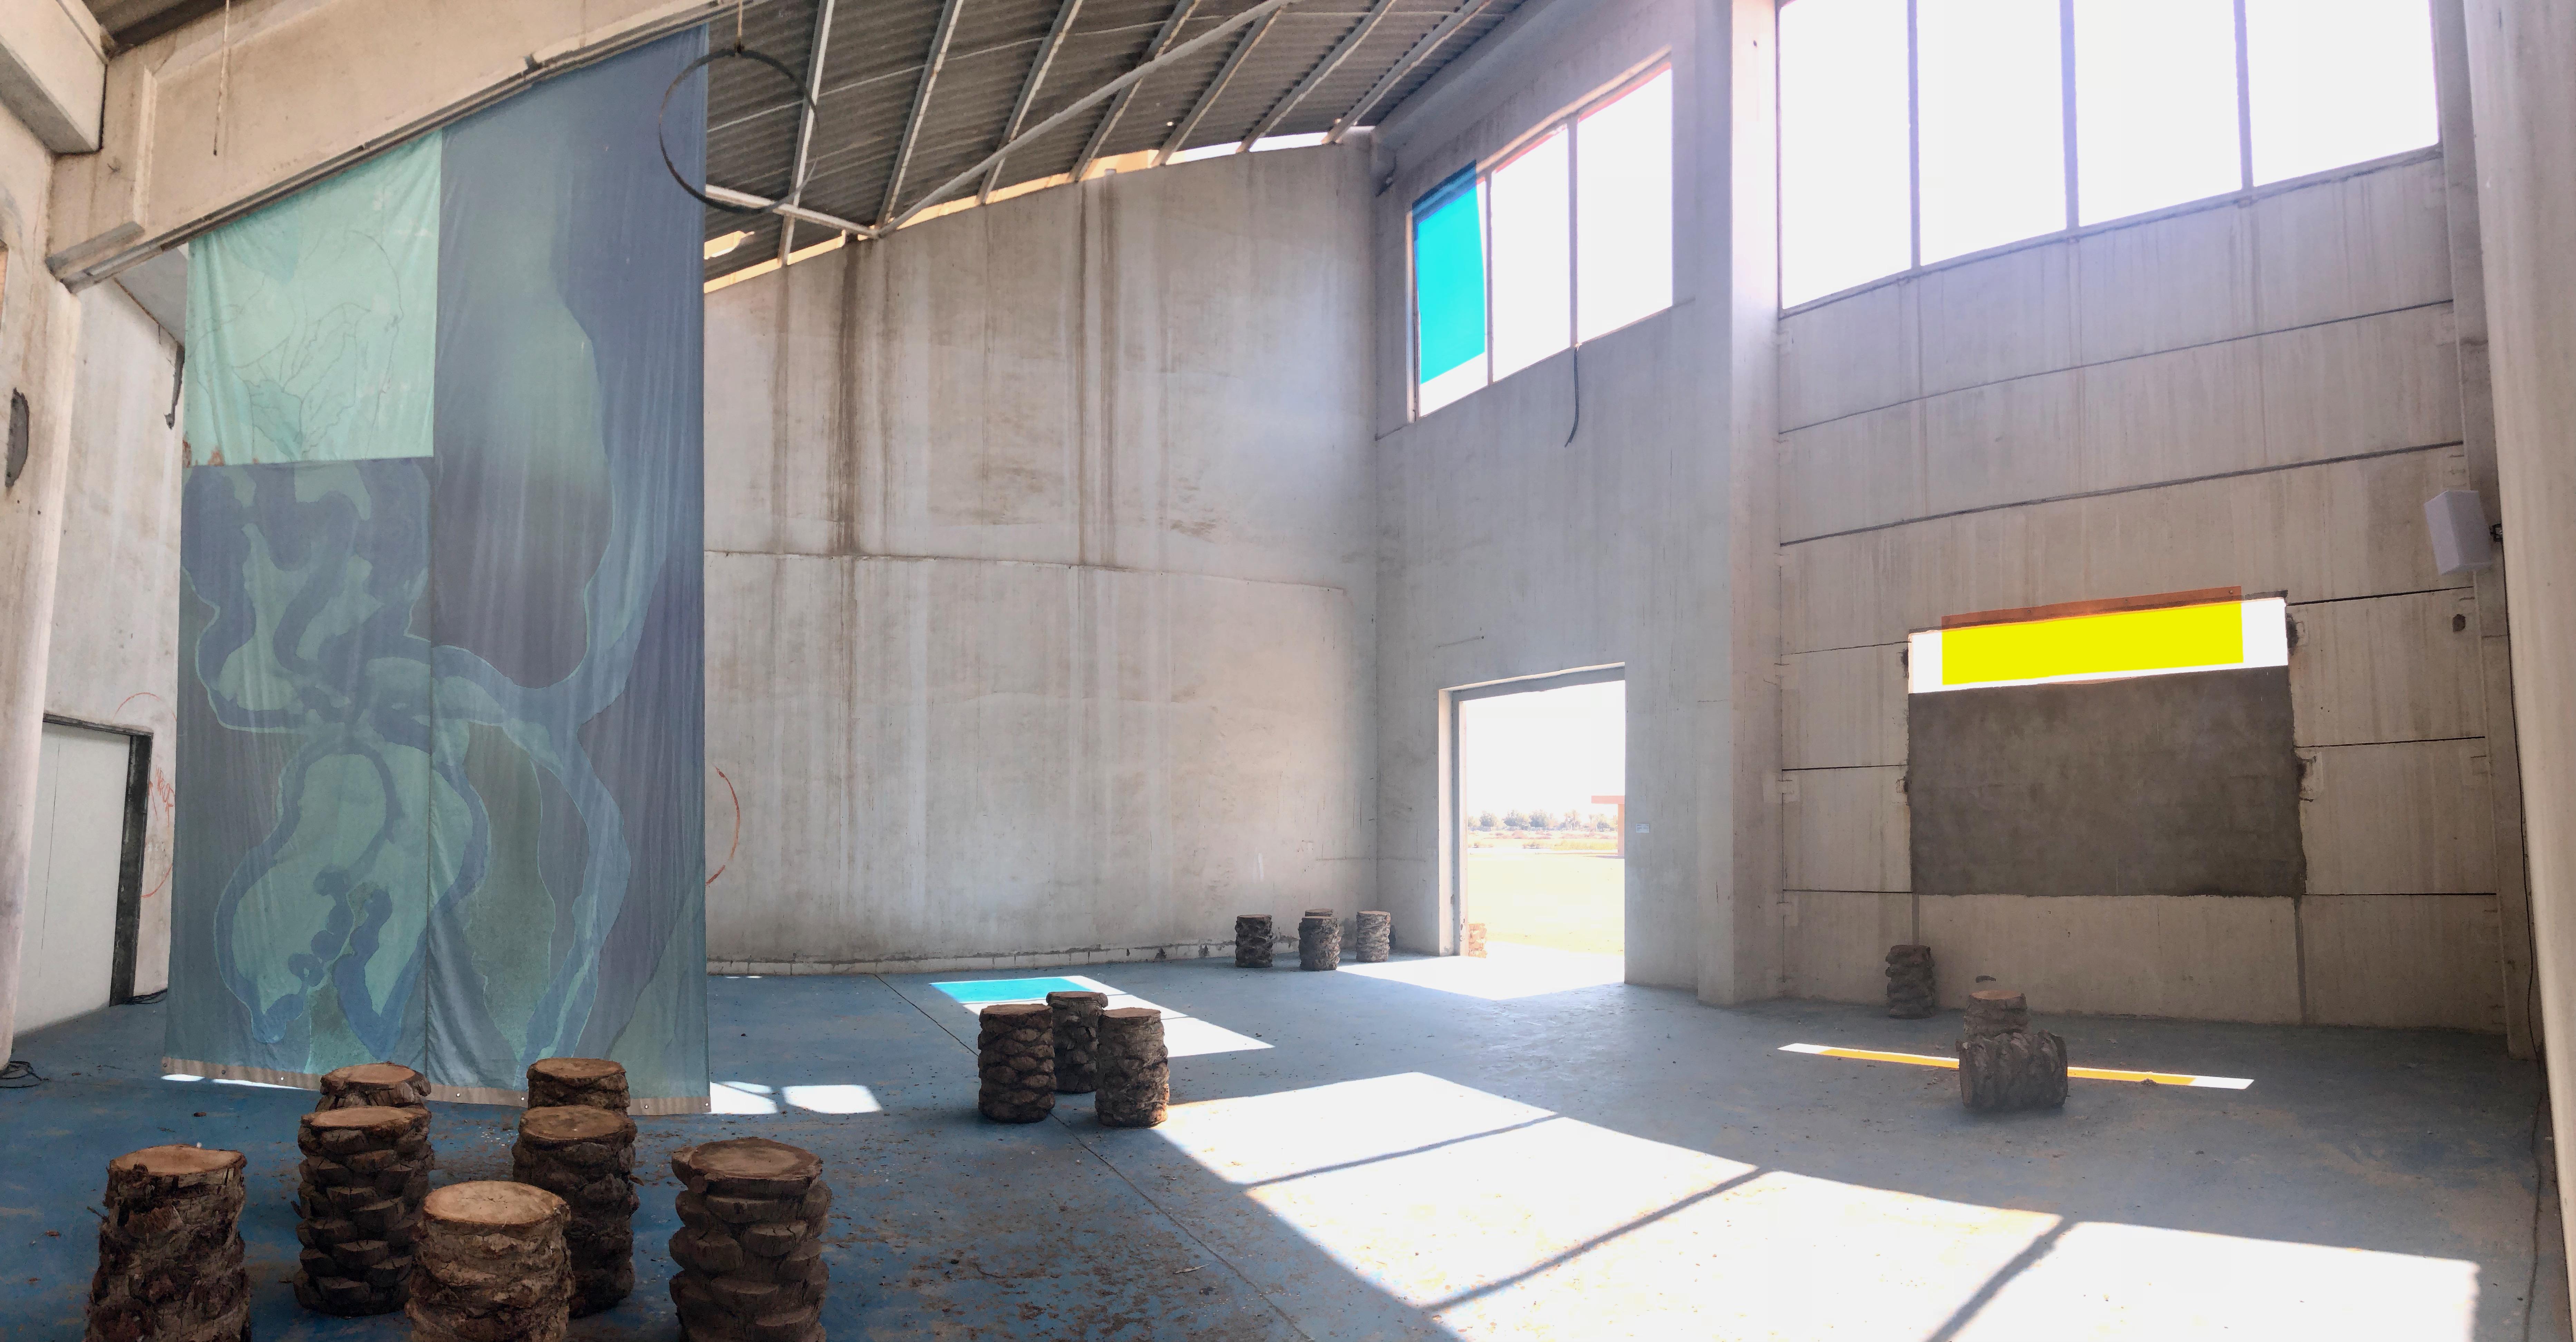 Isabel Lewis, Matthew Lutz-Kinoy & HACKLANDER / HATAM, Untitled (inwardness, juice, natures), 2019, Kalba Ice Factory. Photo CT